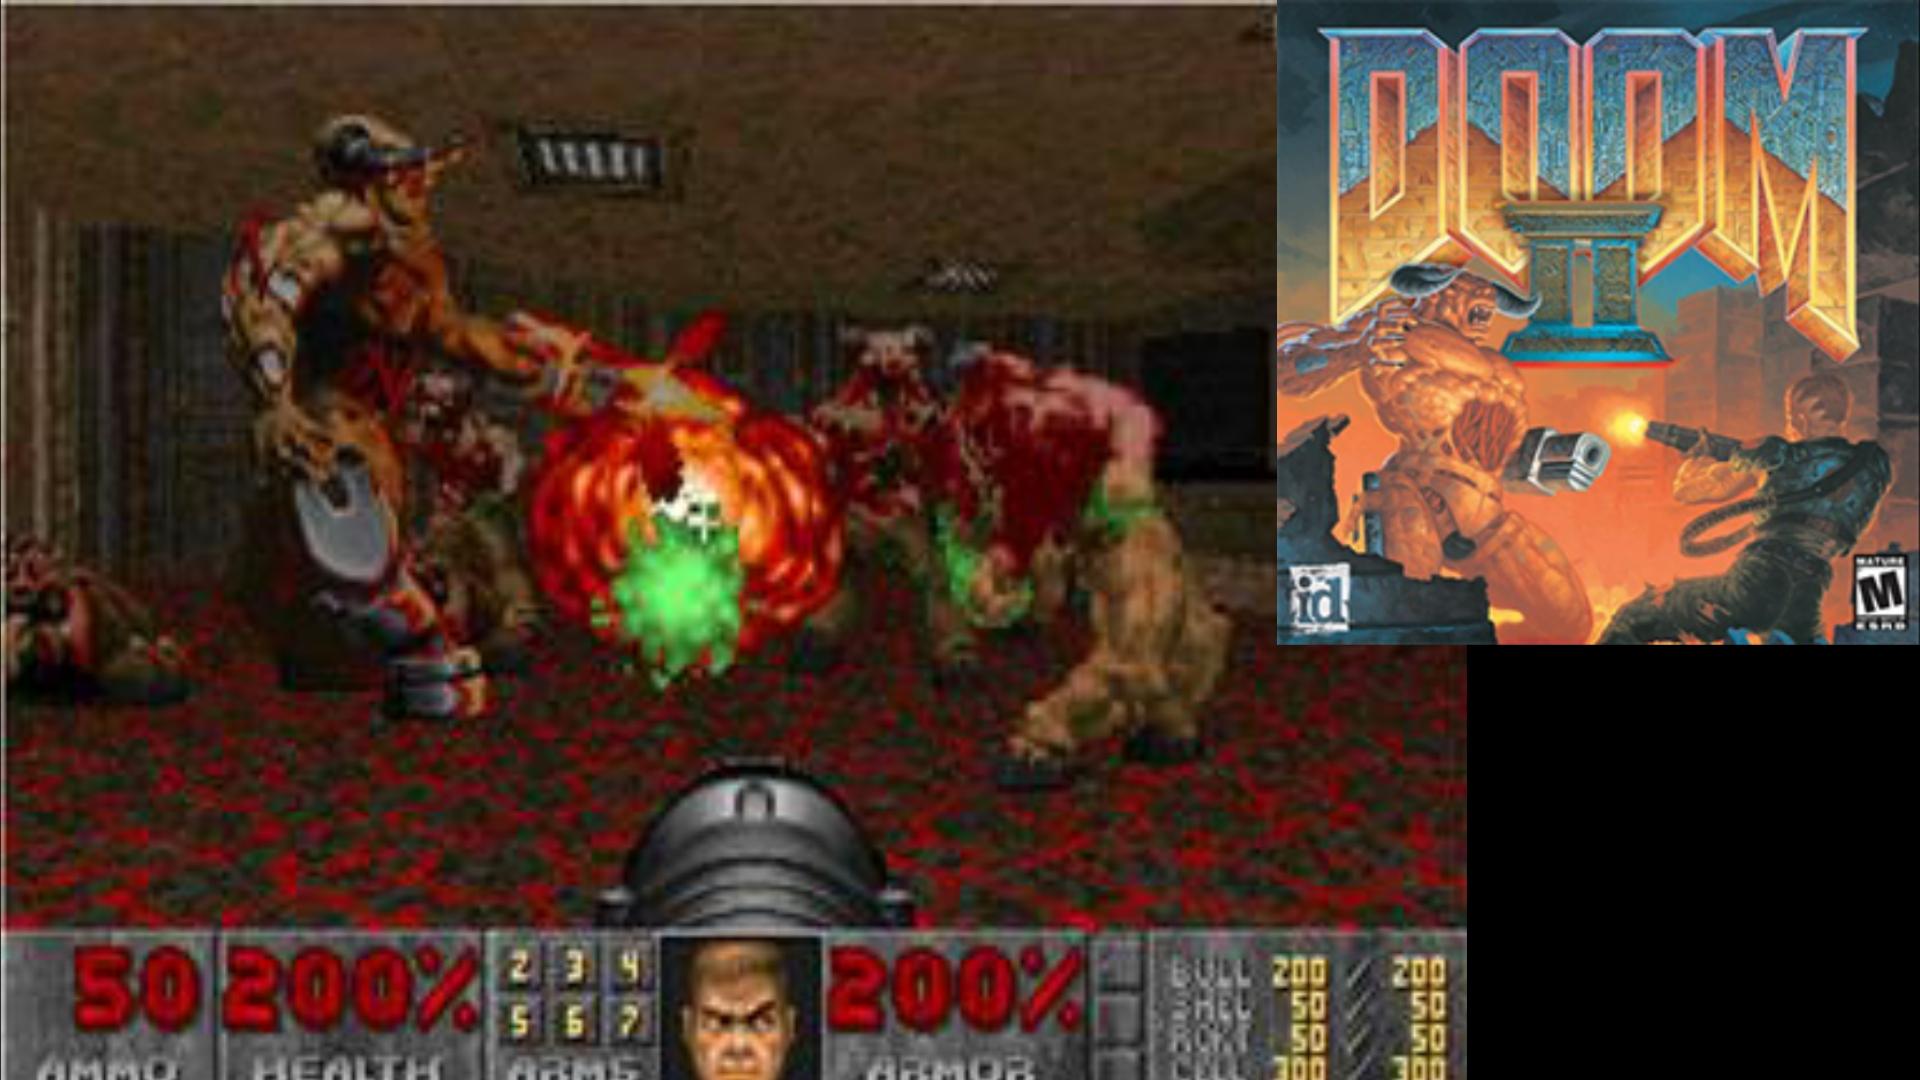 Gott sei Dank hat sich mal wieder Portal in eine andere Dimension geöffnet: neue Monster, neue Waffen, die Hölle auf Erden - ids Doom II war kein Health Pack für das Uni-Studium. (Bild: id Software)